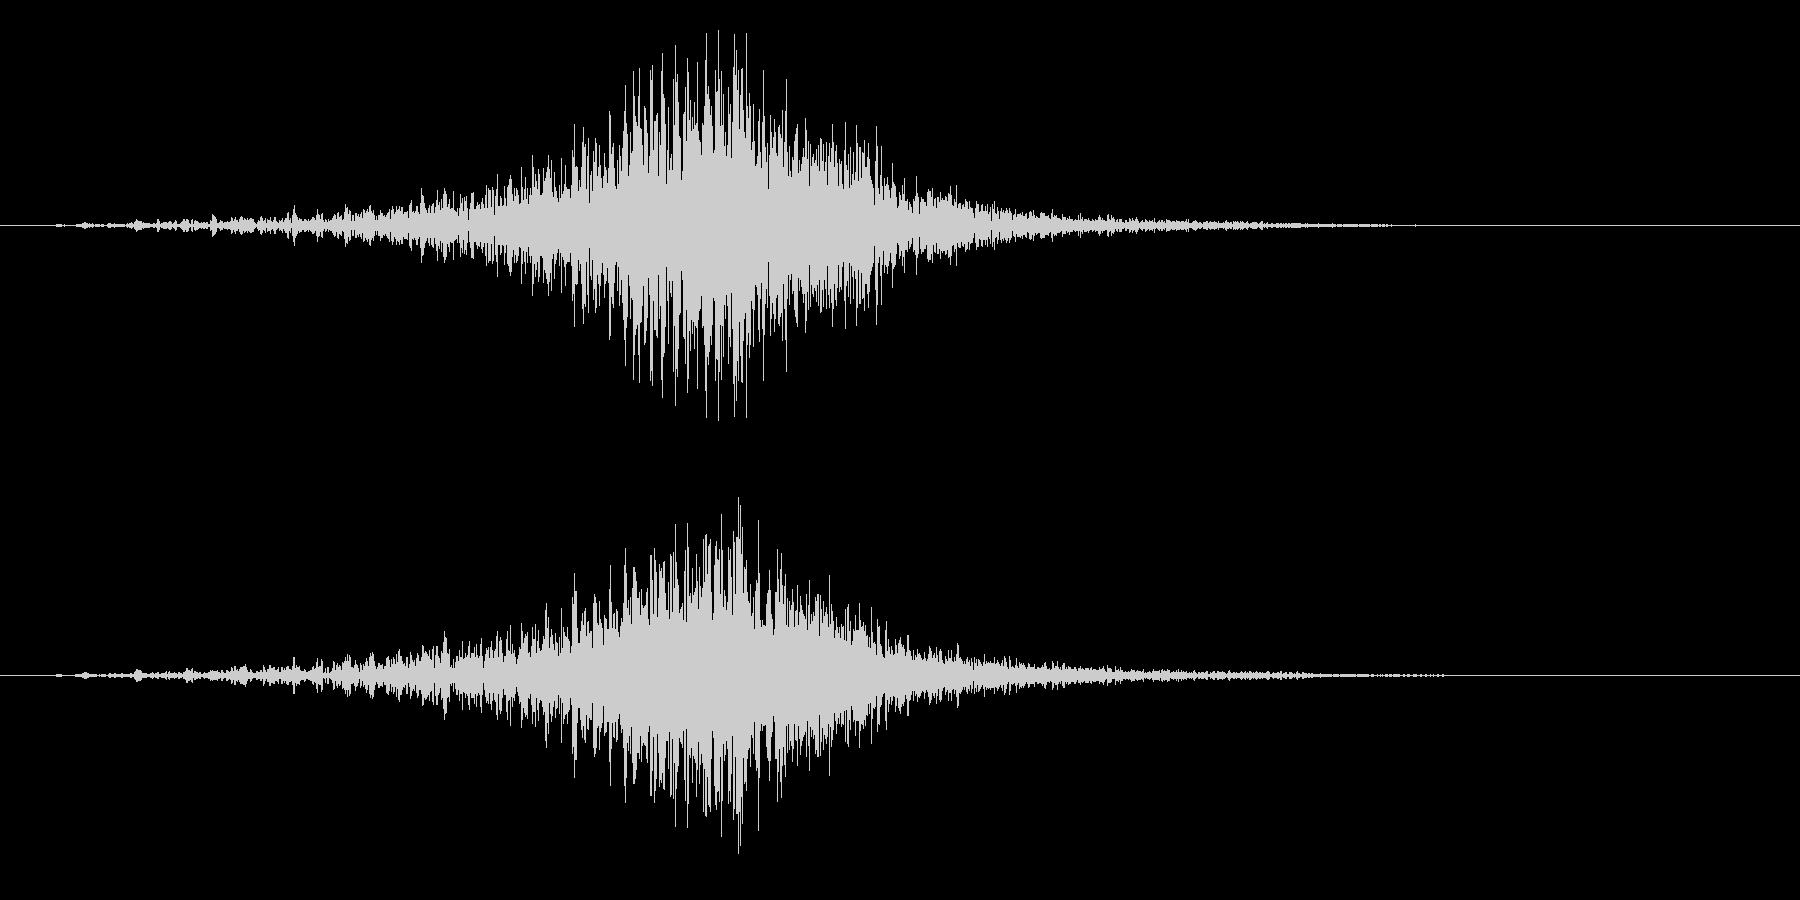 ・・・ドドドドドドン!(発表、太鼓系)の未再生の波形